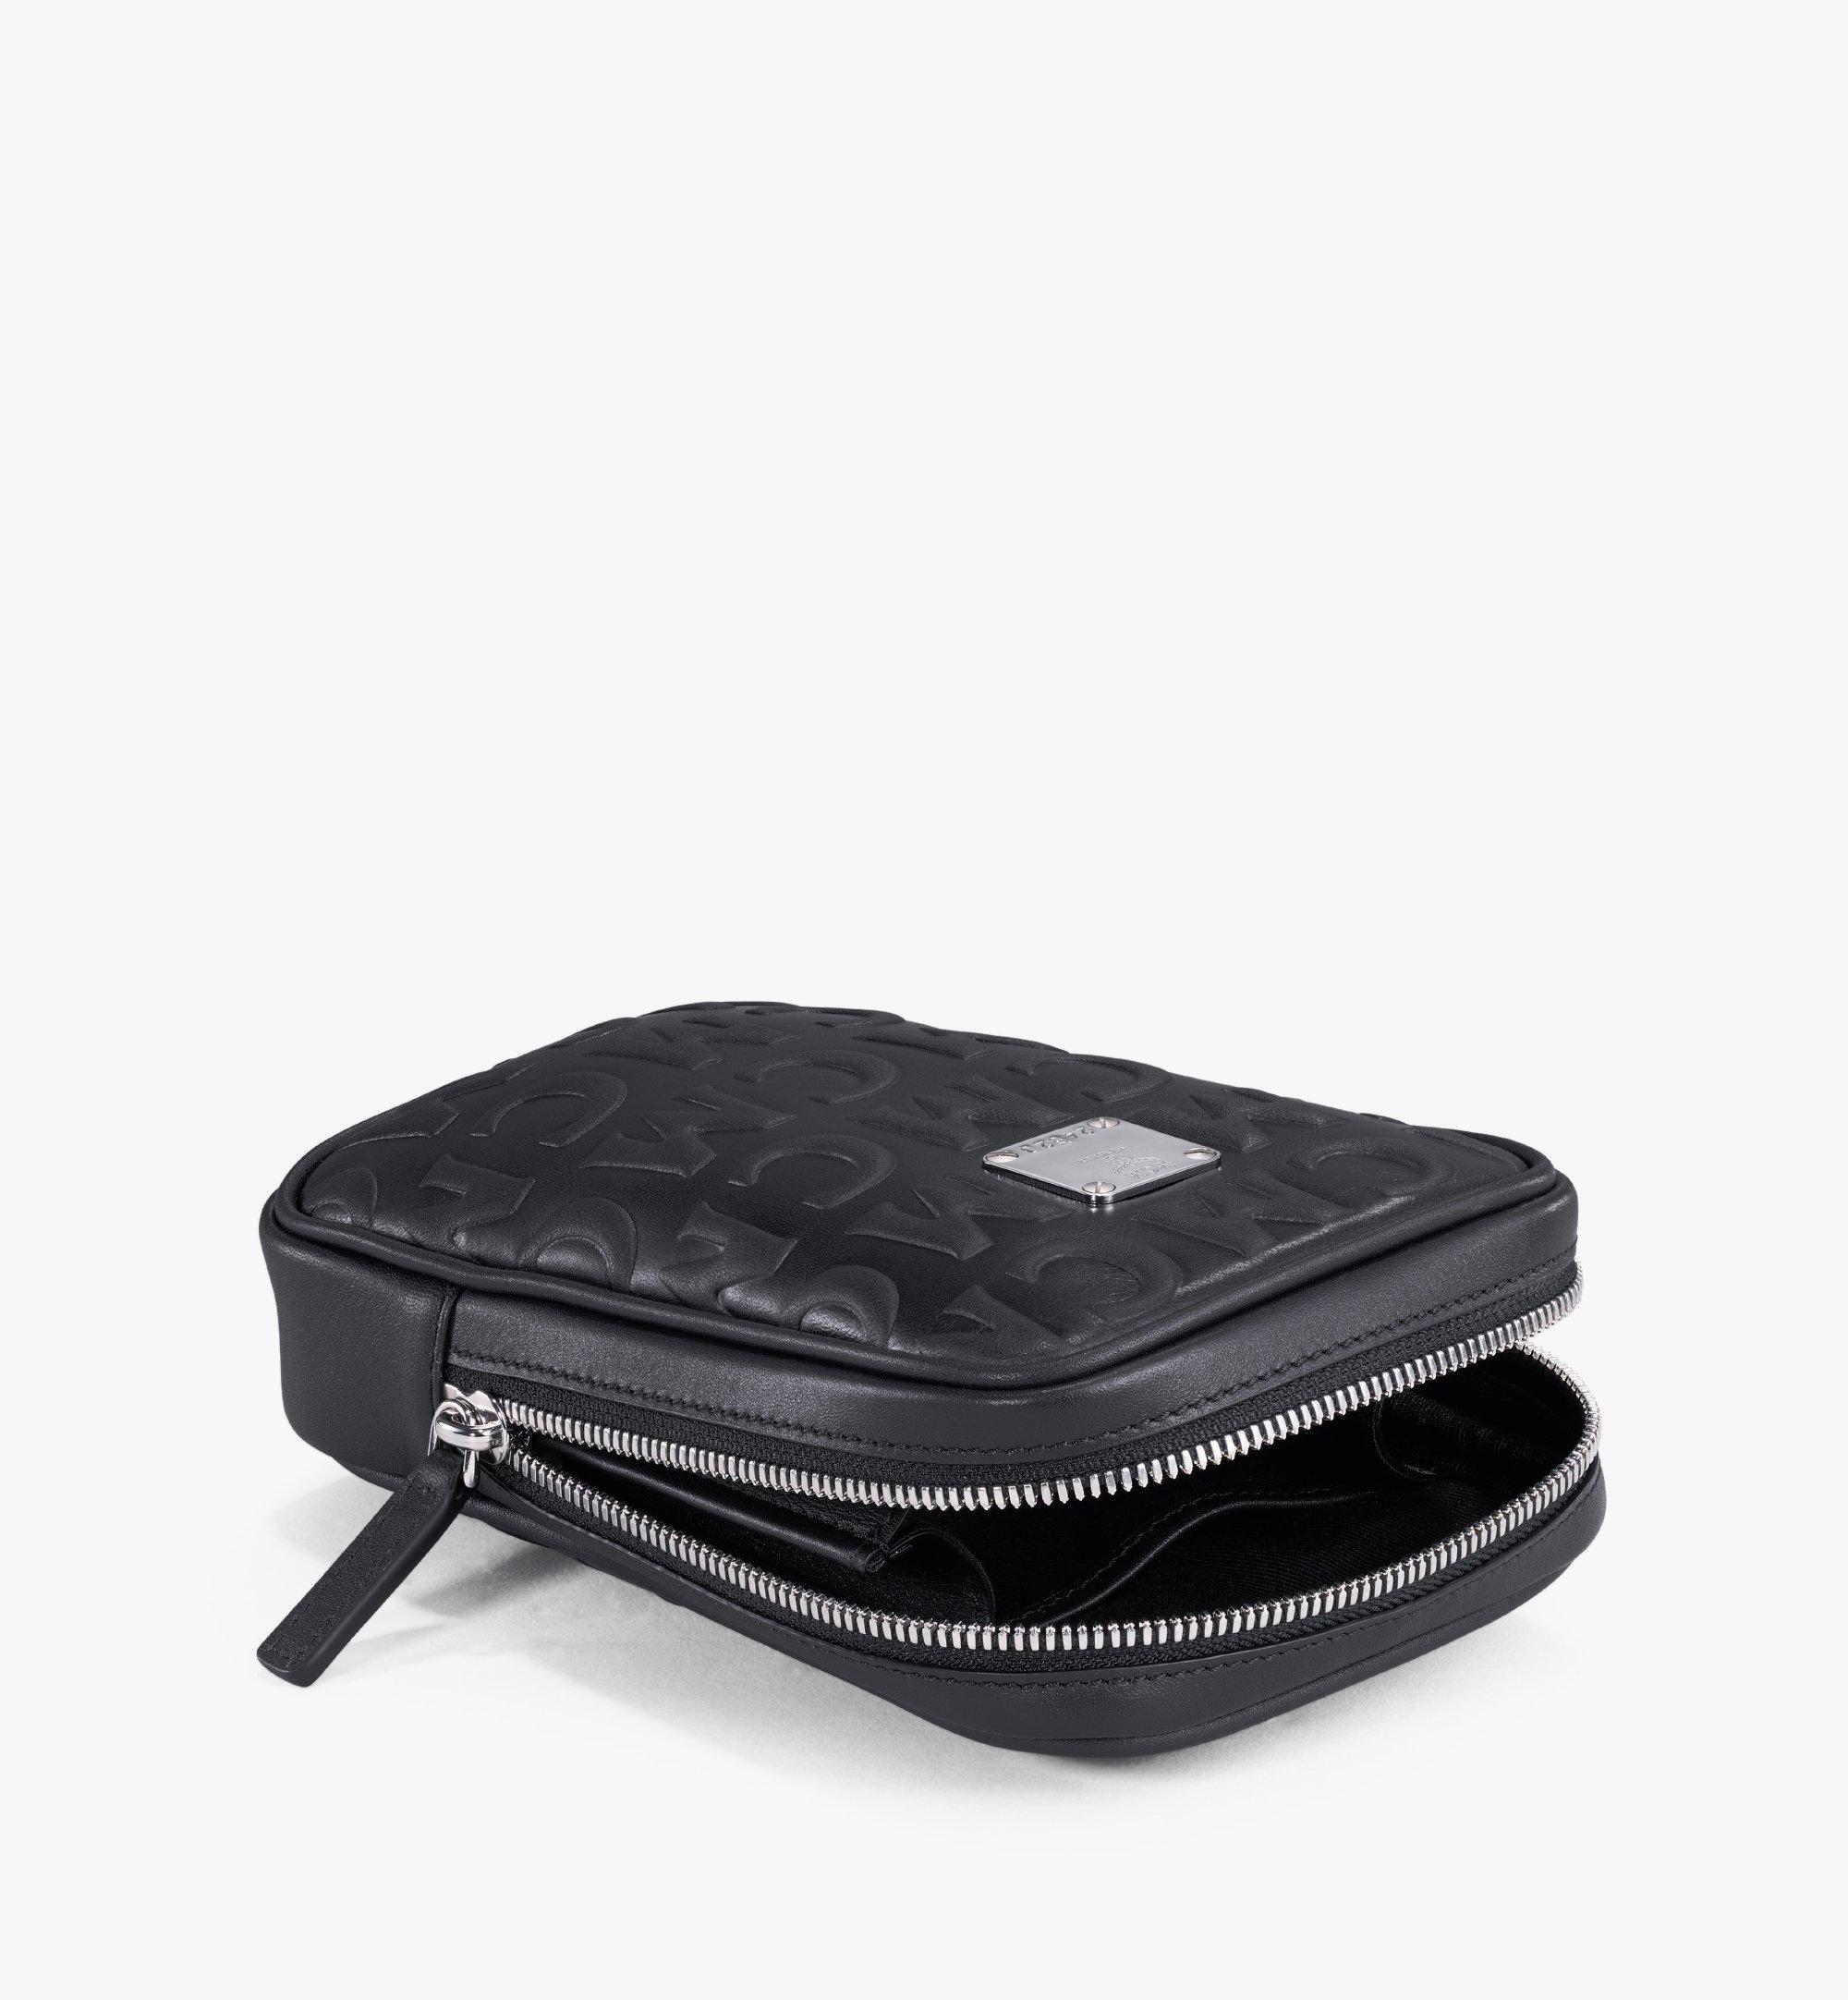 MCM N/S Klassik Belt Bag in MCM Monogram Leather White MMZAAKC05BK001 Alternate View 2